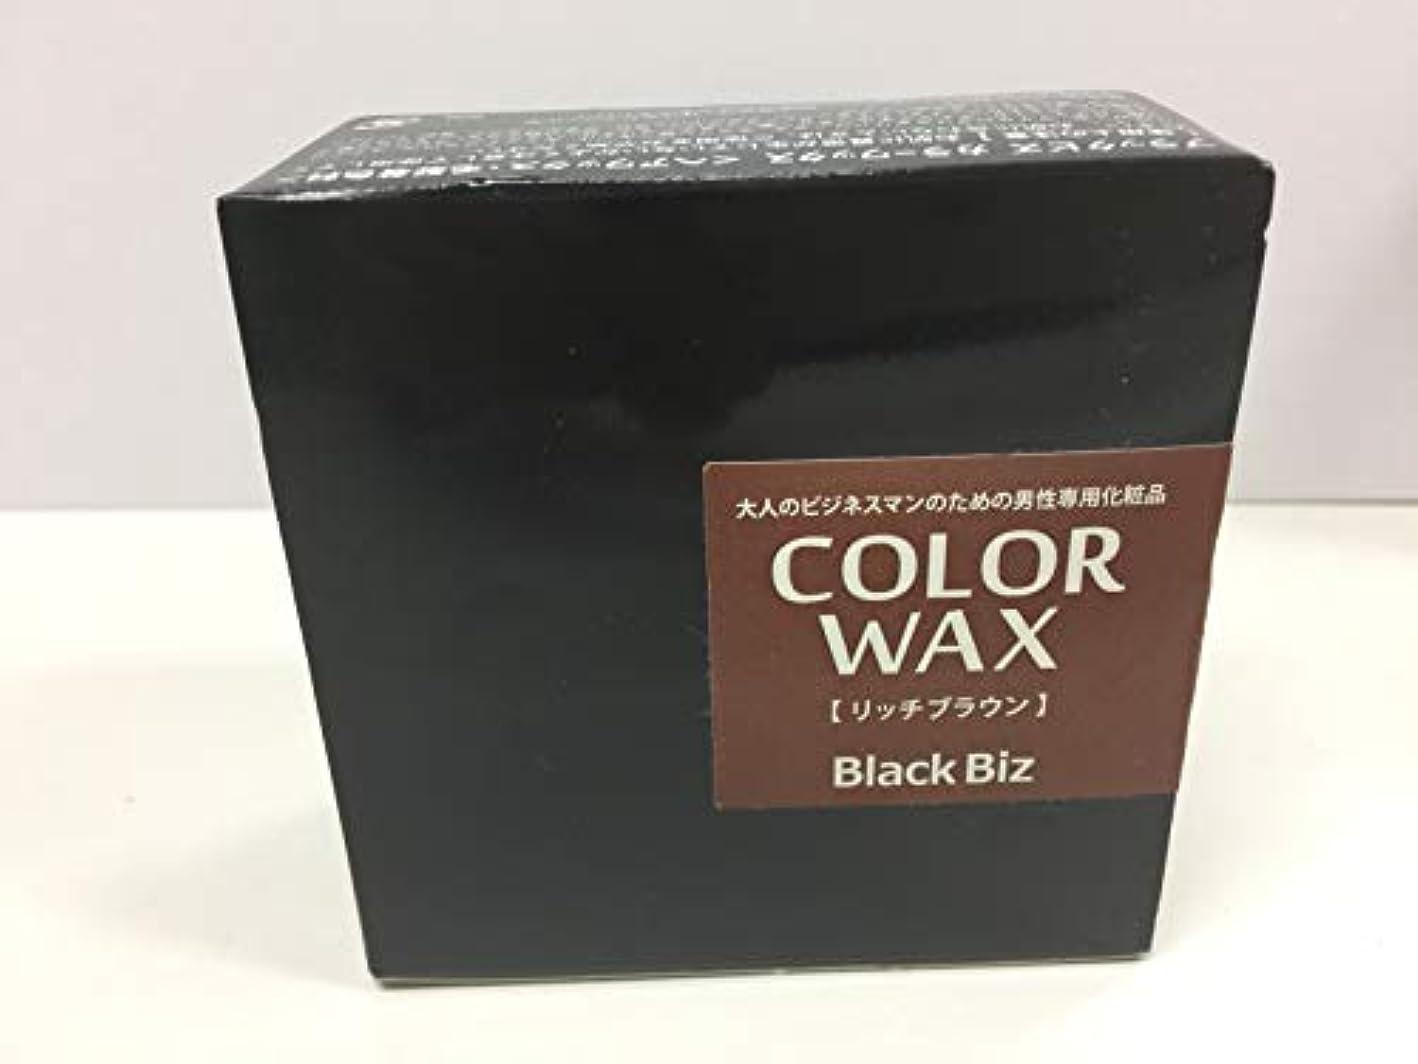 電気陽性ドリンク部分的に大人のビジネスマンのための男性専用化粧品 BlackBiz COLOR WAX ブラックビズ カラーワックス 【リッチブラウン】